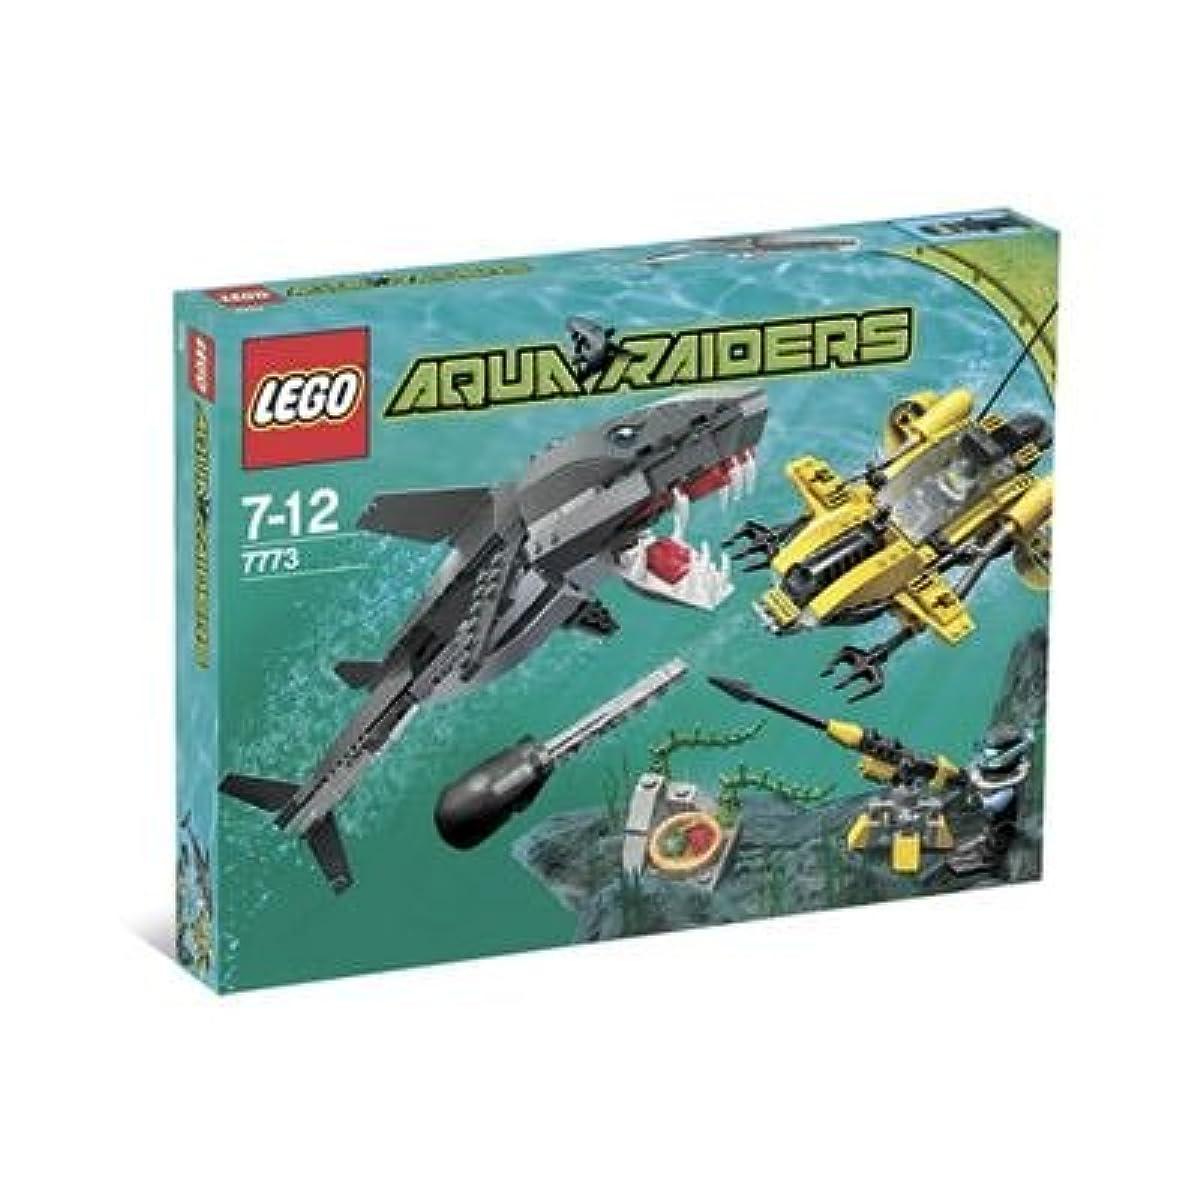 [해외] 레고 (LEGO) 아쿠아 레이 다스 퍼터이거 샤크어택 7773-155722 (2007-02-09)